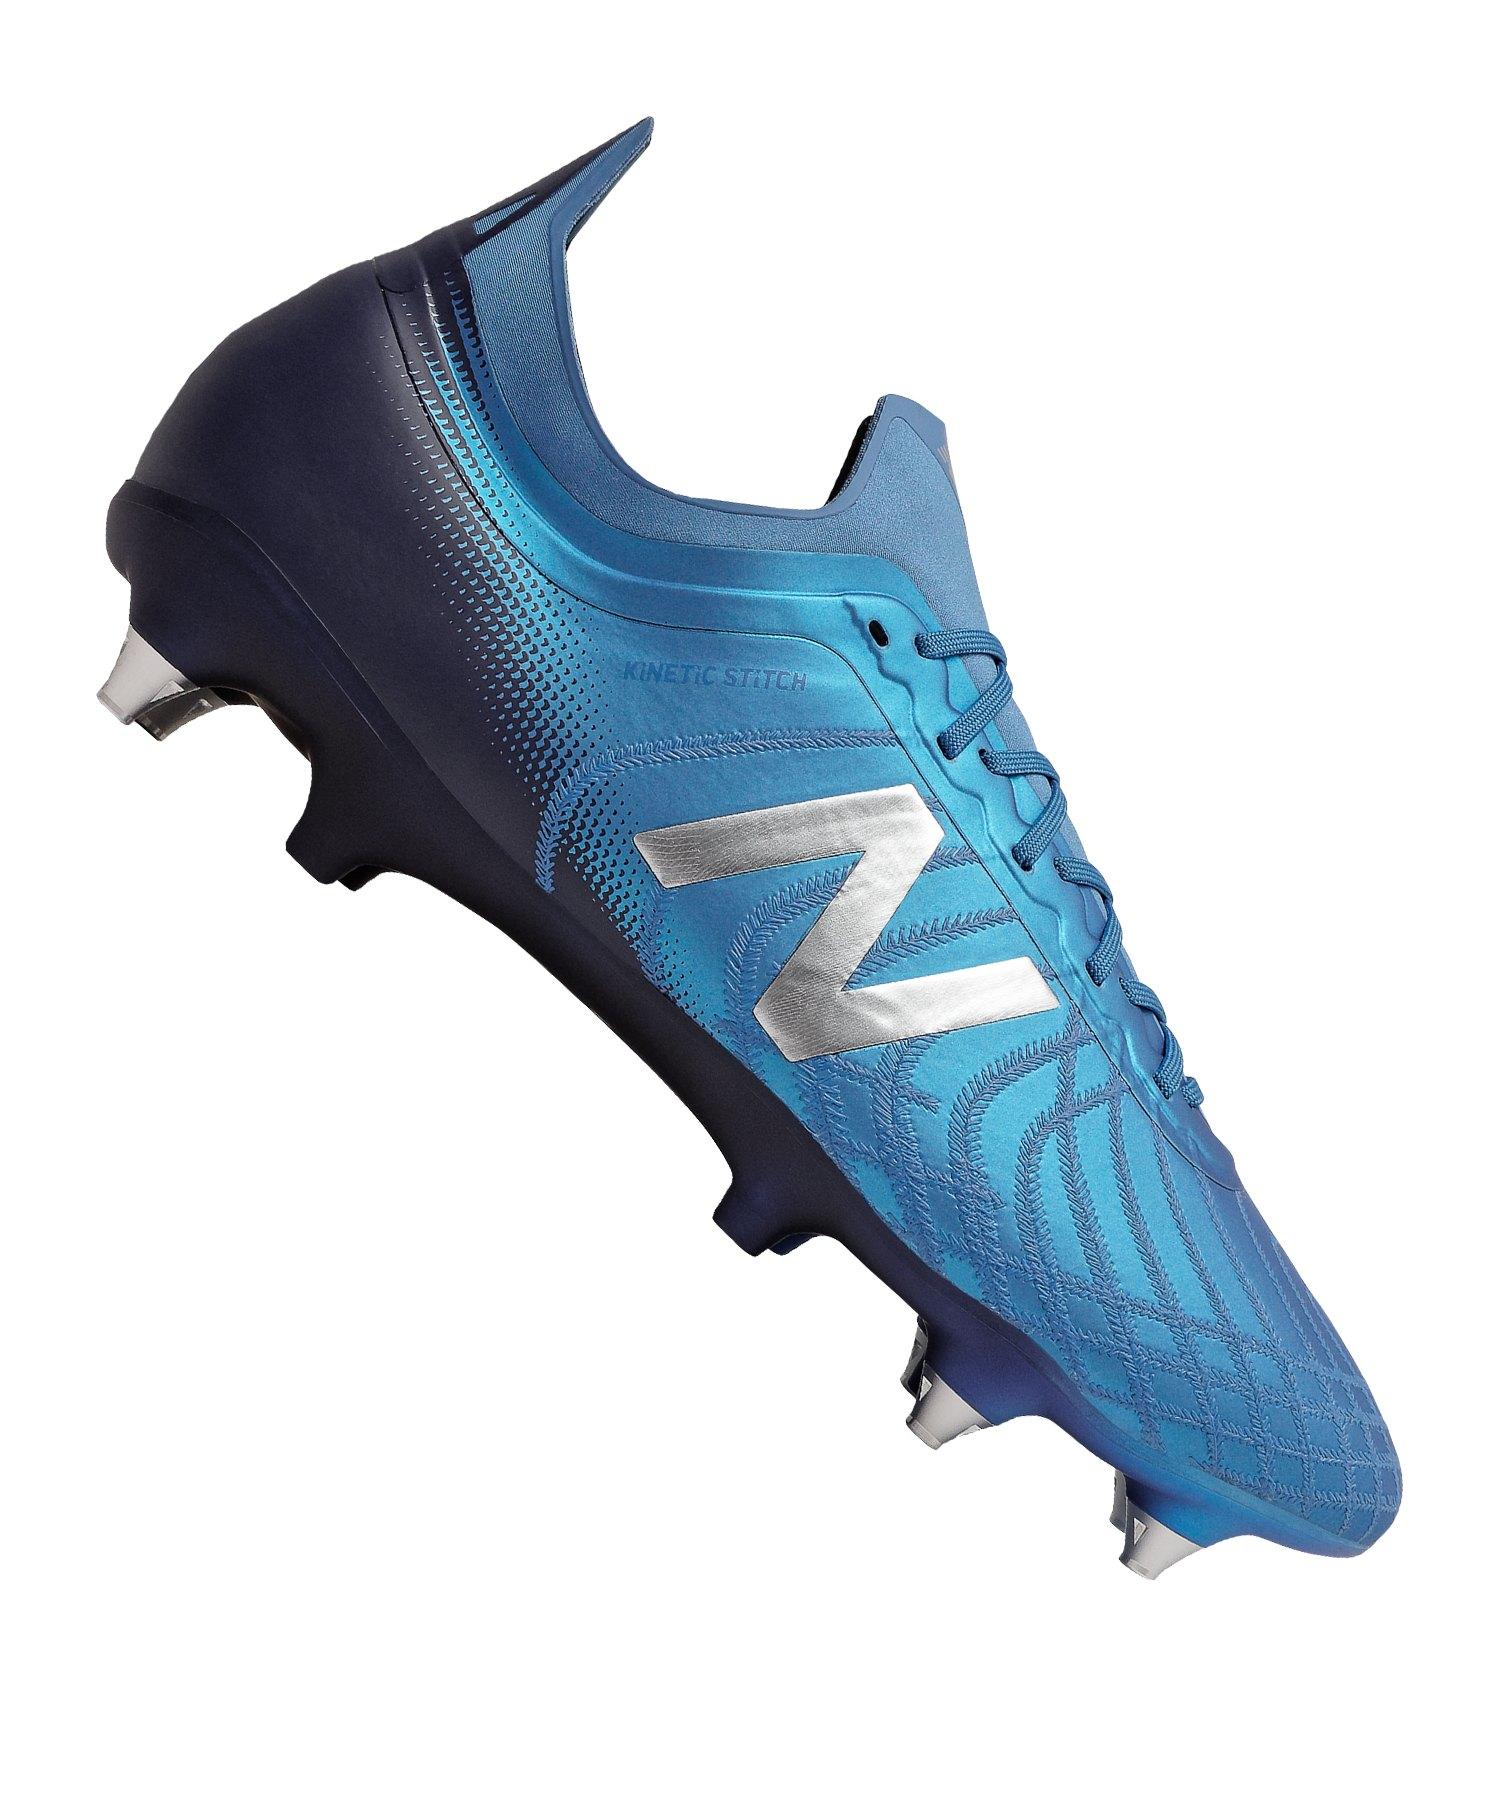 New Balance Tekela v2 Pro SG Blau F05 - blau